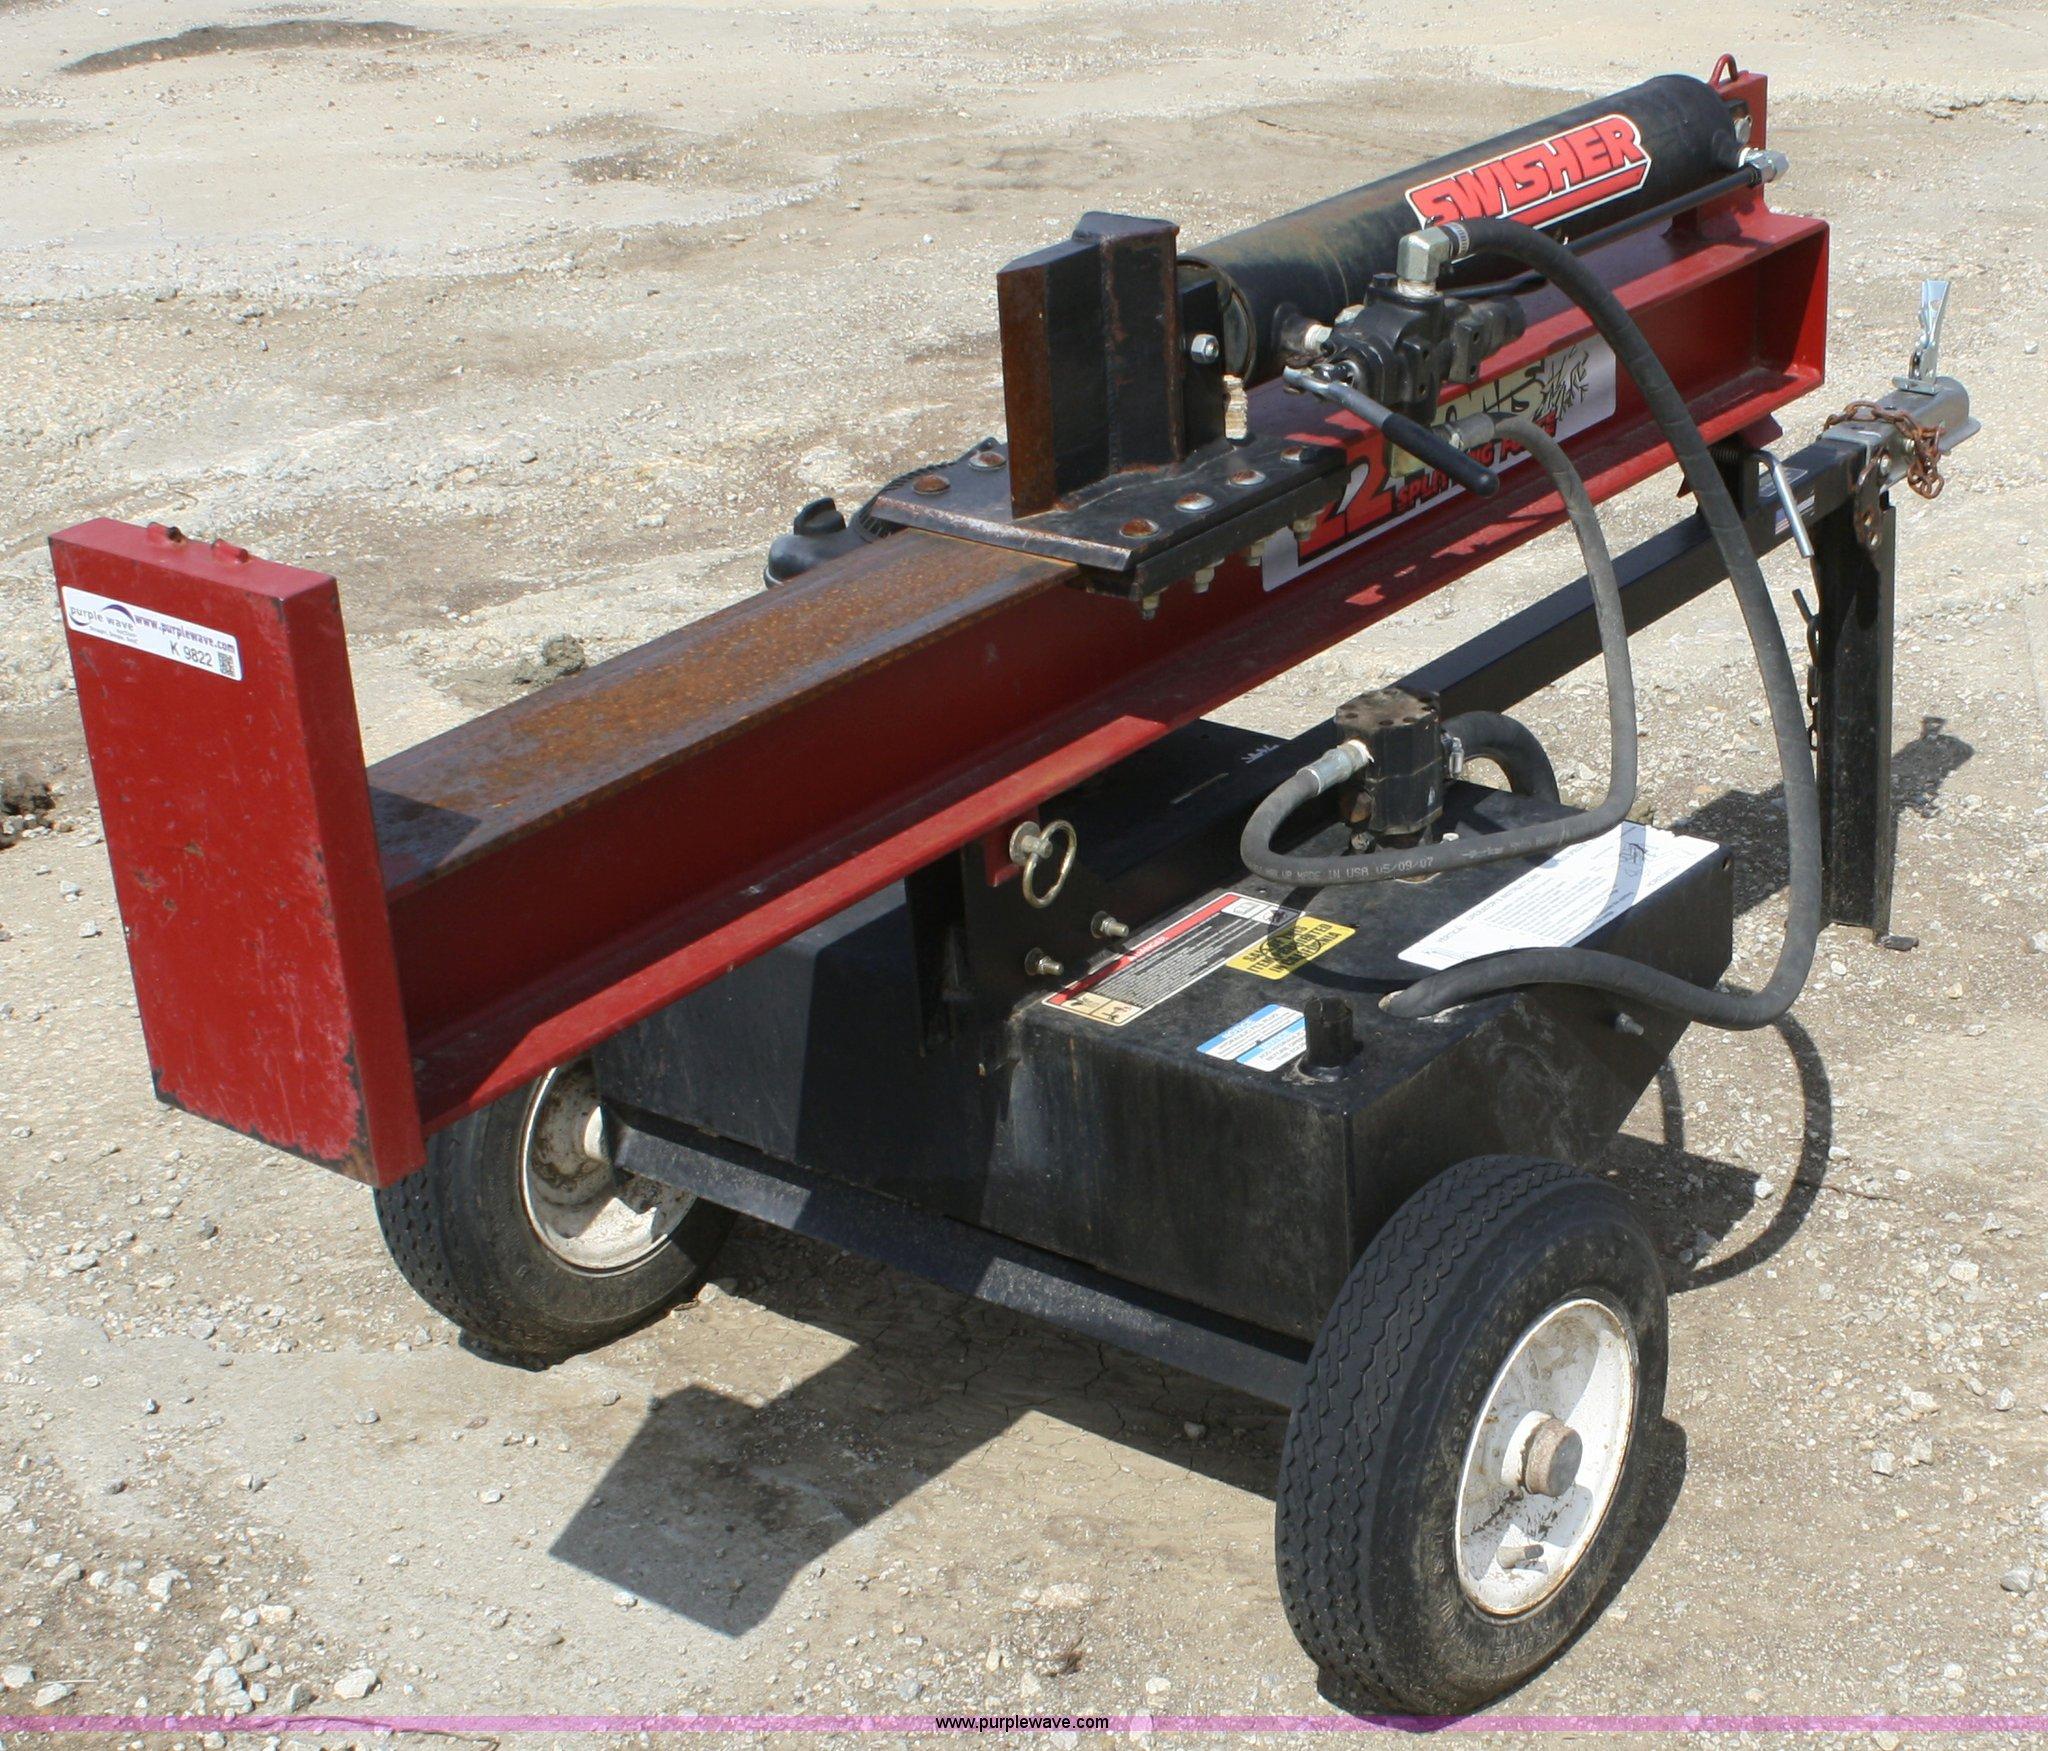 Swisher 22 ton log splitter | Item K9822 | 8-29-2012